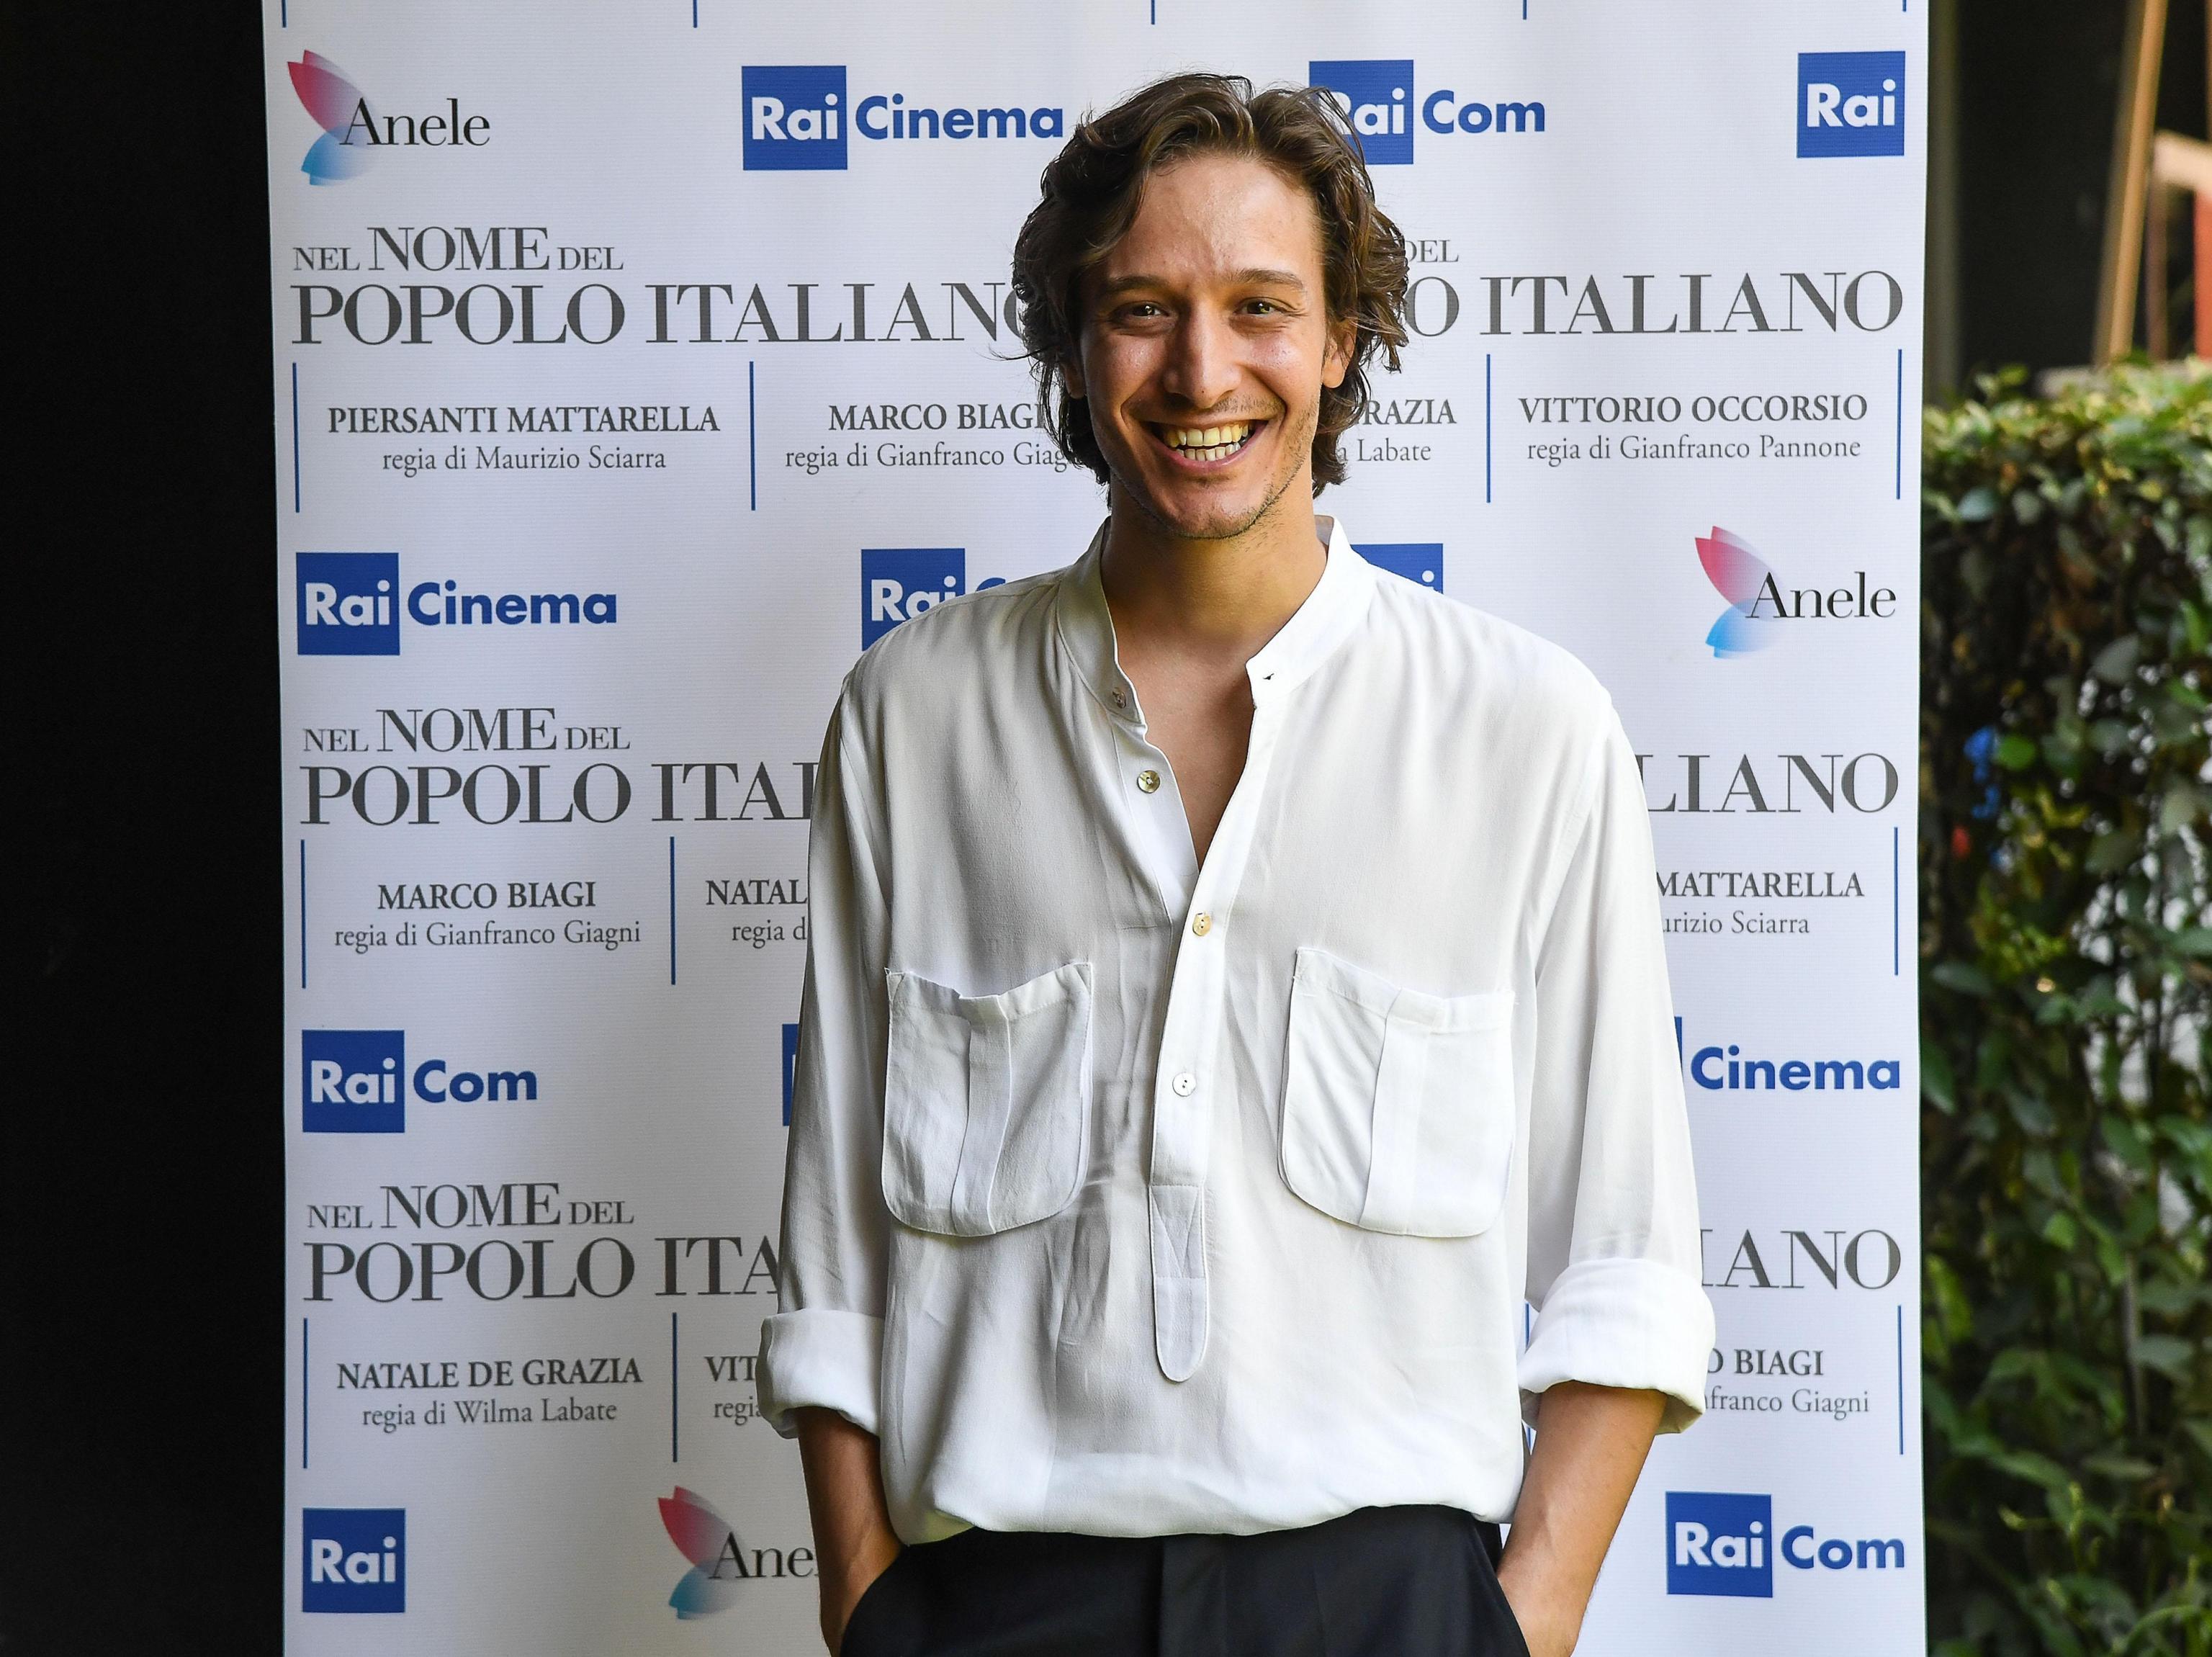 Piersanti Mattarella: film su Rai 1 per il ciclo 'Nel nome del popolo italiano'